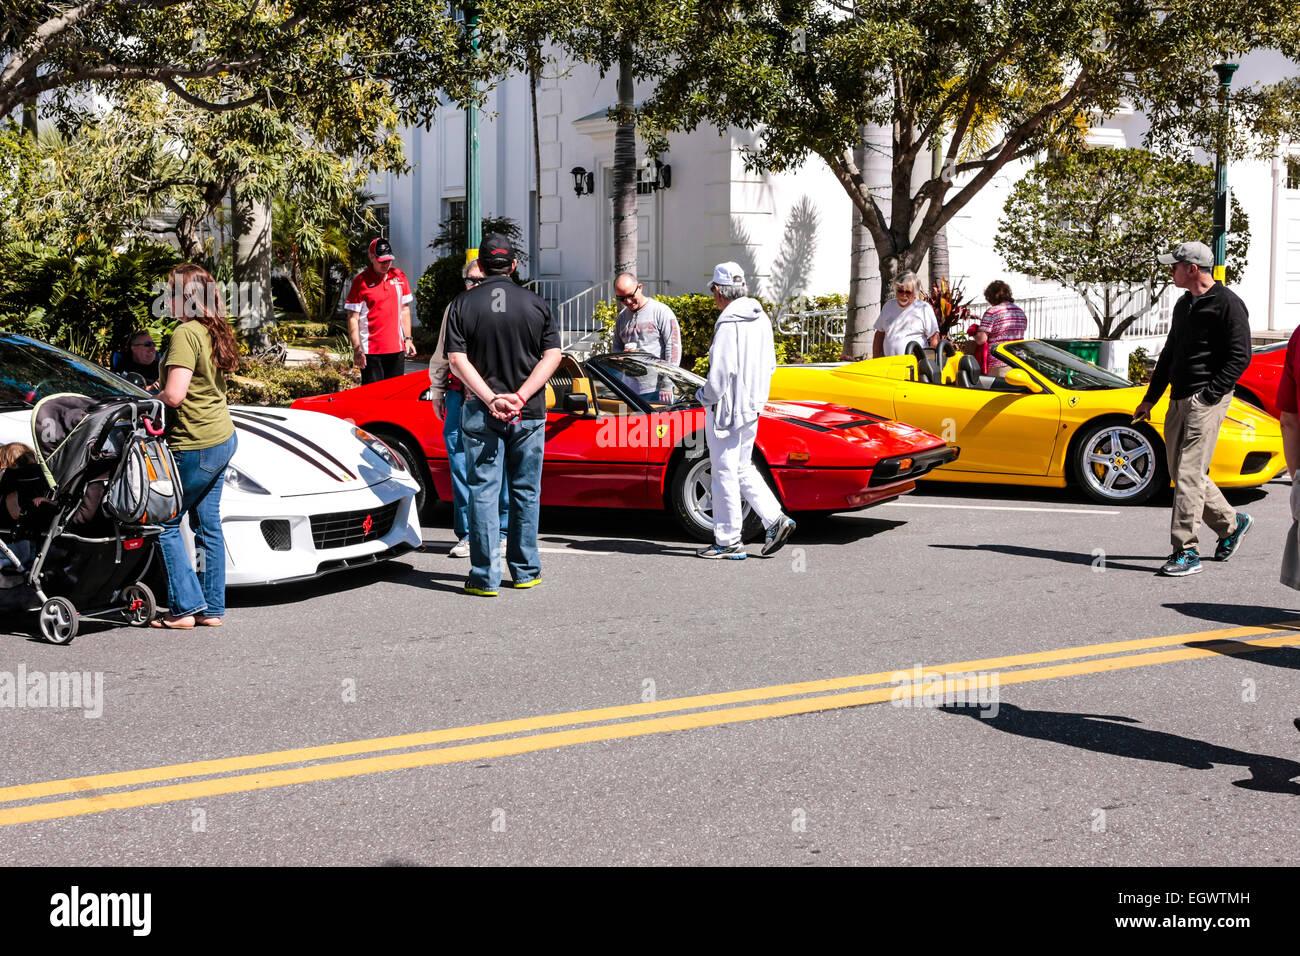 Anzeige Der Roten Weißen Und Gelben Italienischen Ferrari Sportwagen Auf Sarasota Exotische Ca Stockfotografie Alamy